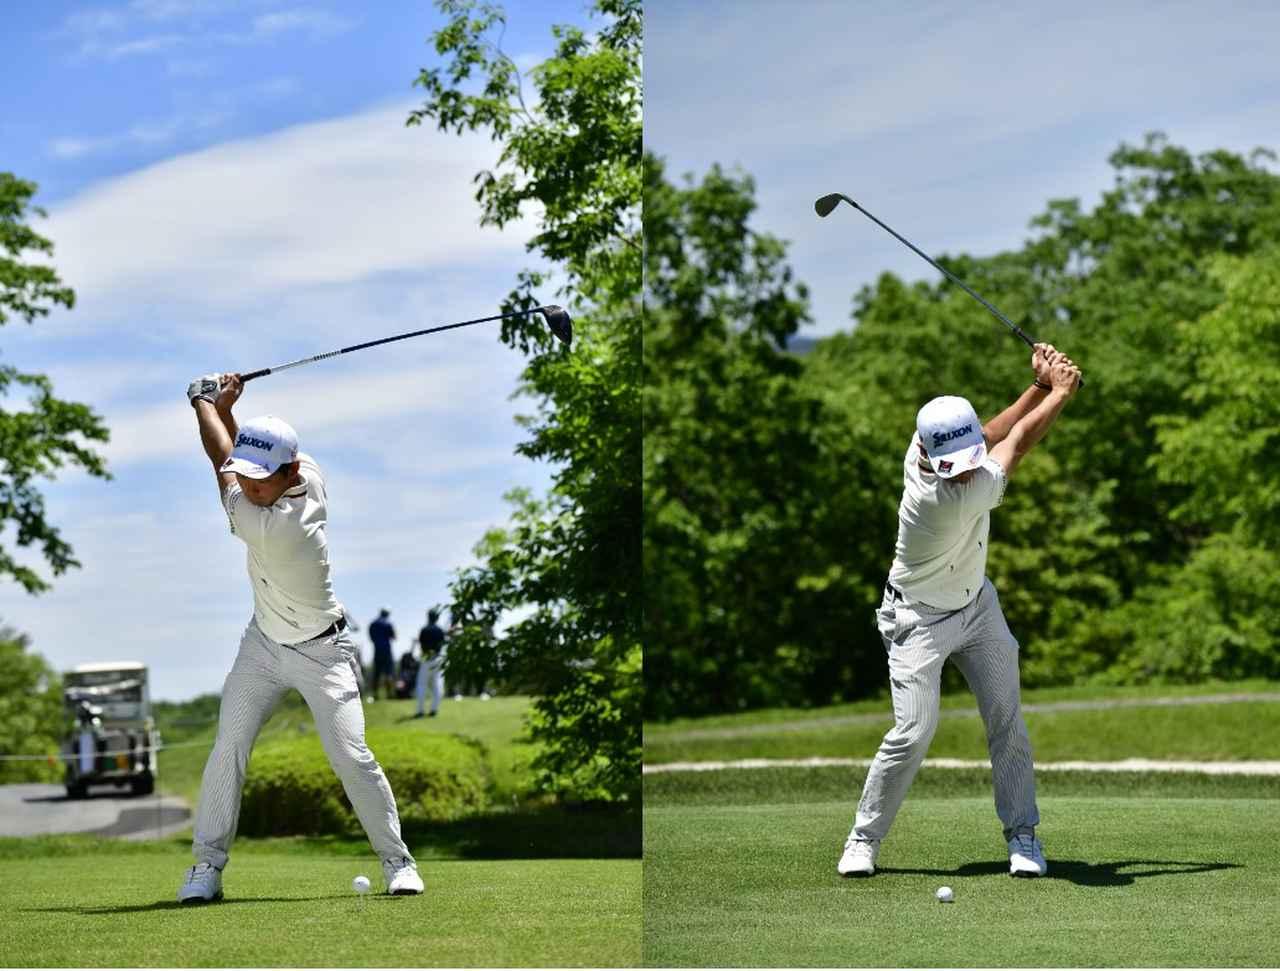 画像: 右打ちの調子が悪いときは左打ちは調子がよく「どちらも調子が悪くなる時はない」という